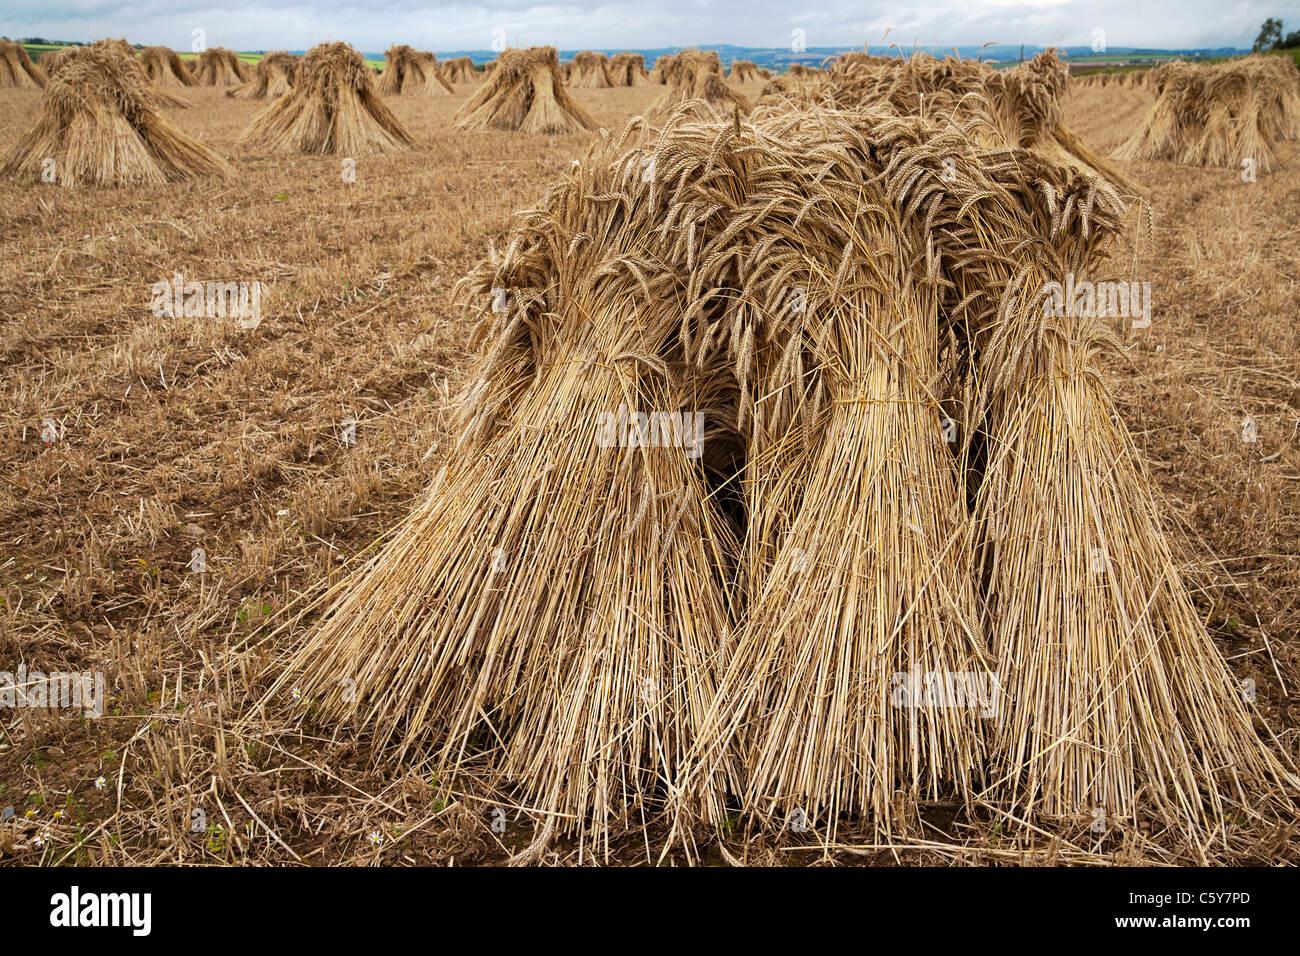 wheat sheaf stock photos